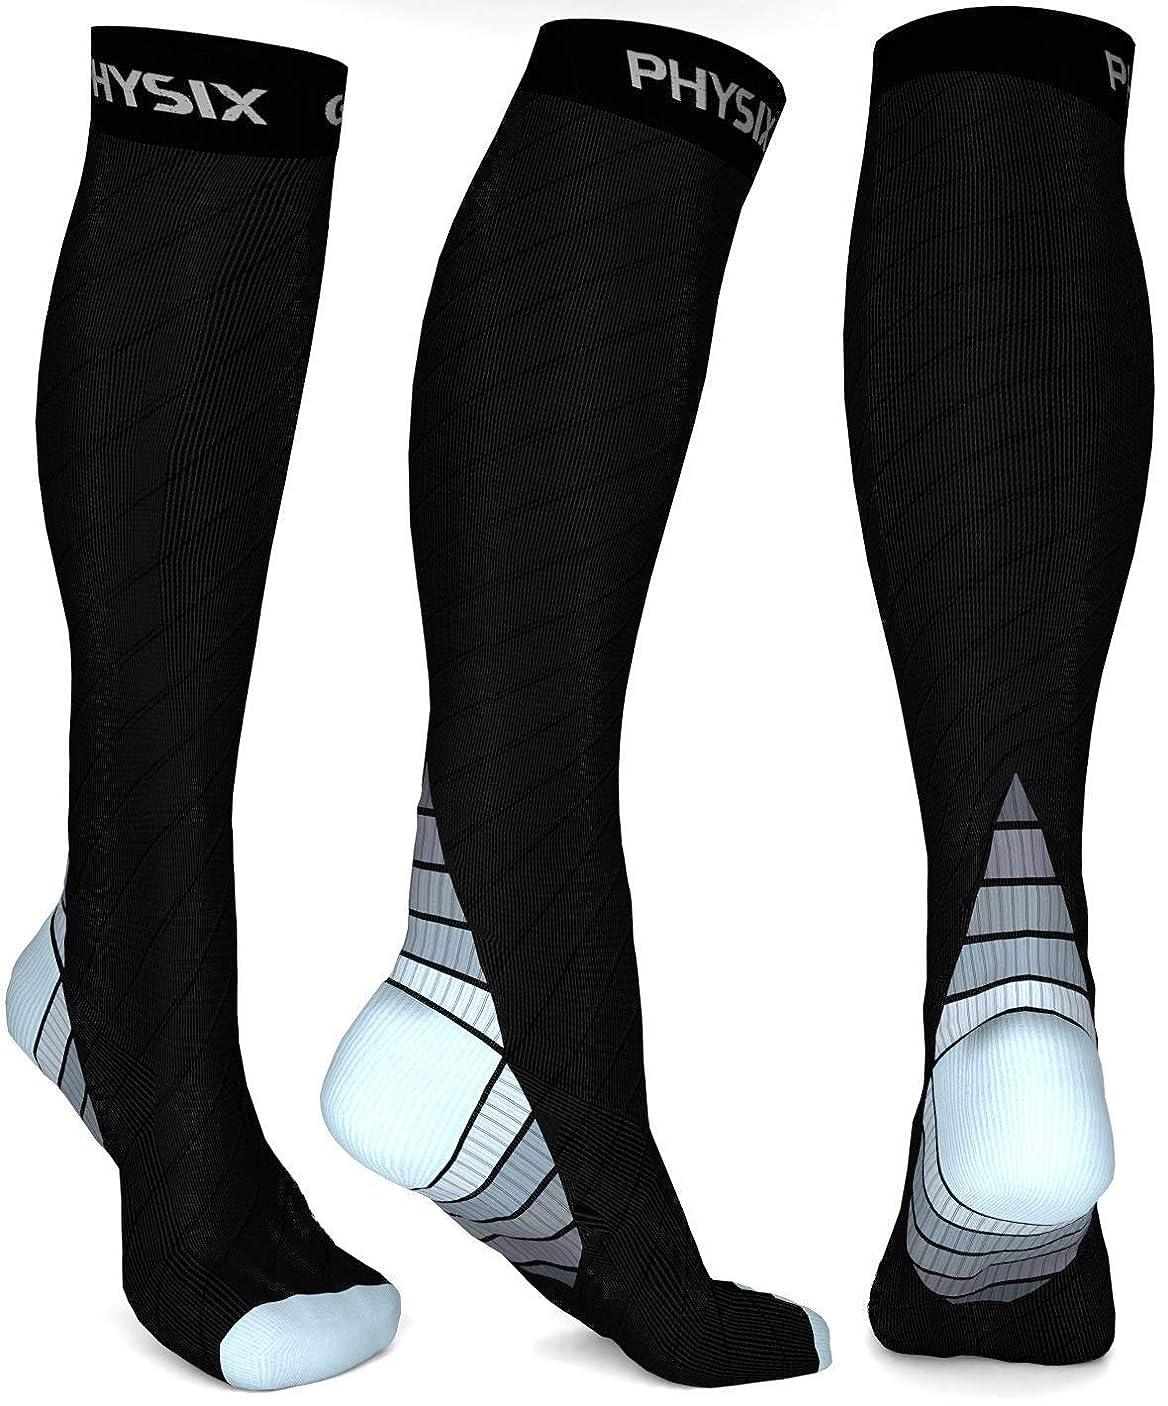 外観受取人ベールPhysix Gearコンプレッションソックス男性用/女性用(20?30 mmHg)最高の段階的なフィット ランニング、看護、過労性脛部痛、フライトトラベル&マタニティ妊娠 – スタミナ、循環&回復 (BLACK & GREY L-XL)